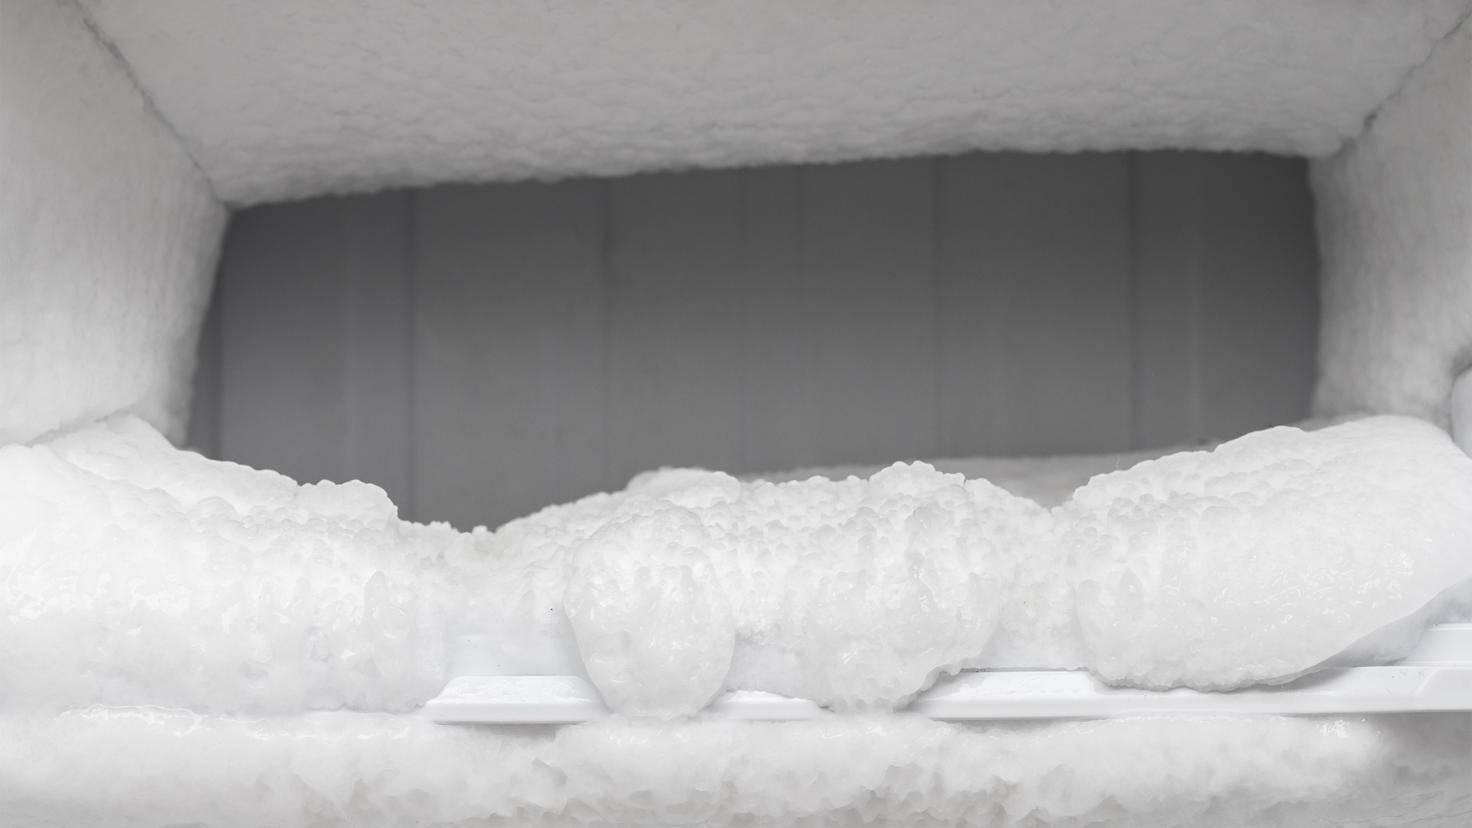 Les congélateurs congelés devraient appartenir au passé avec Low-Frost et No-Frost.